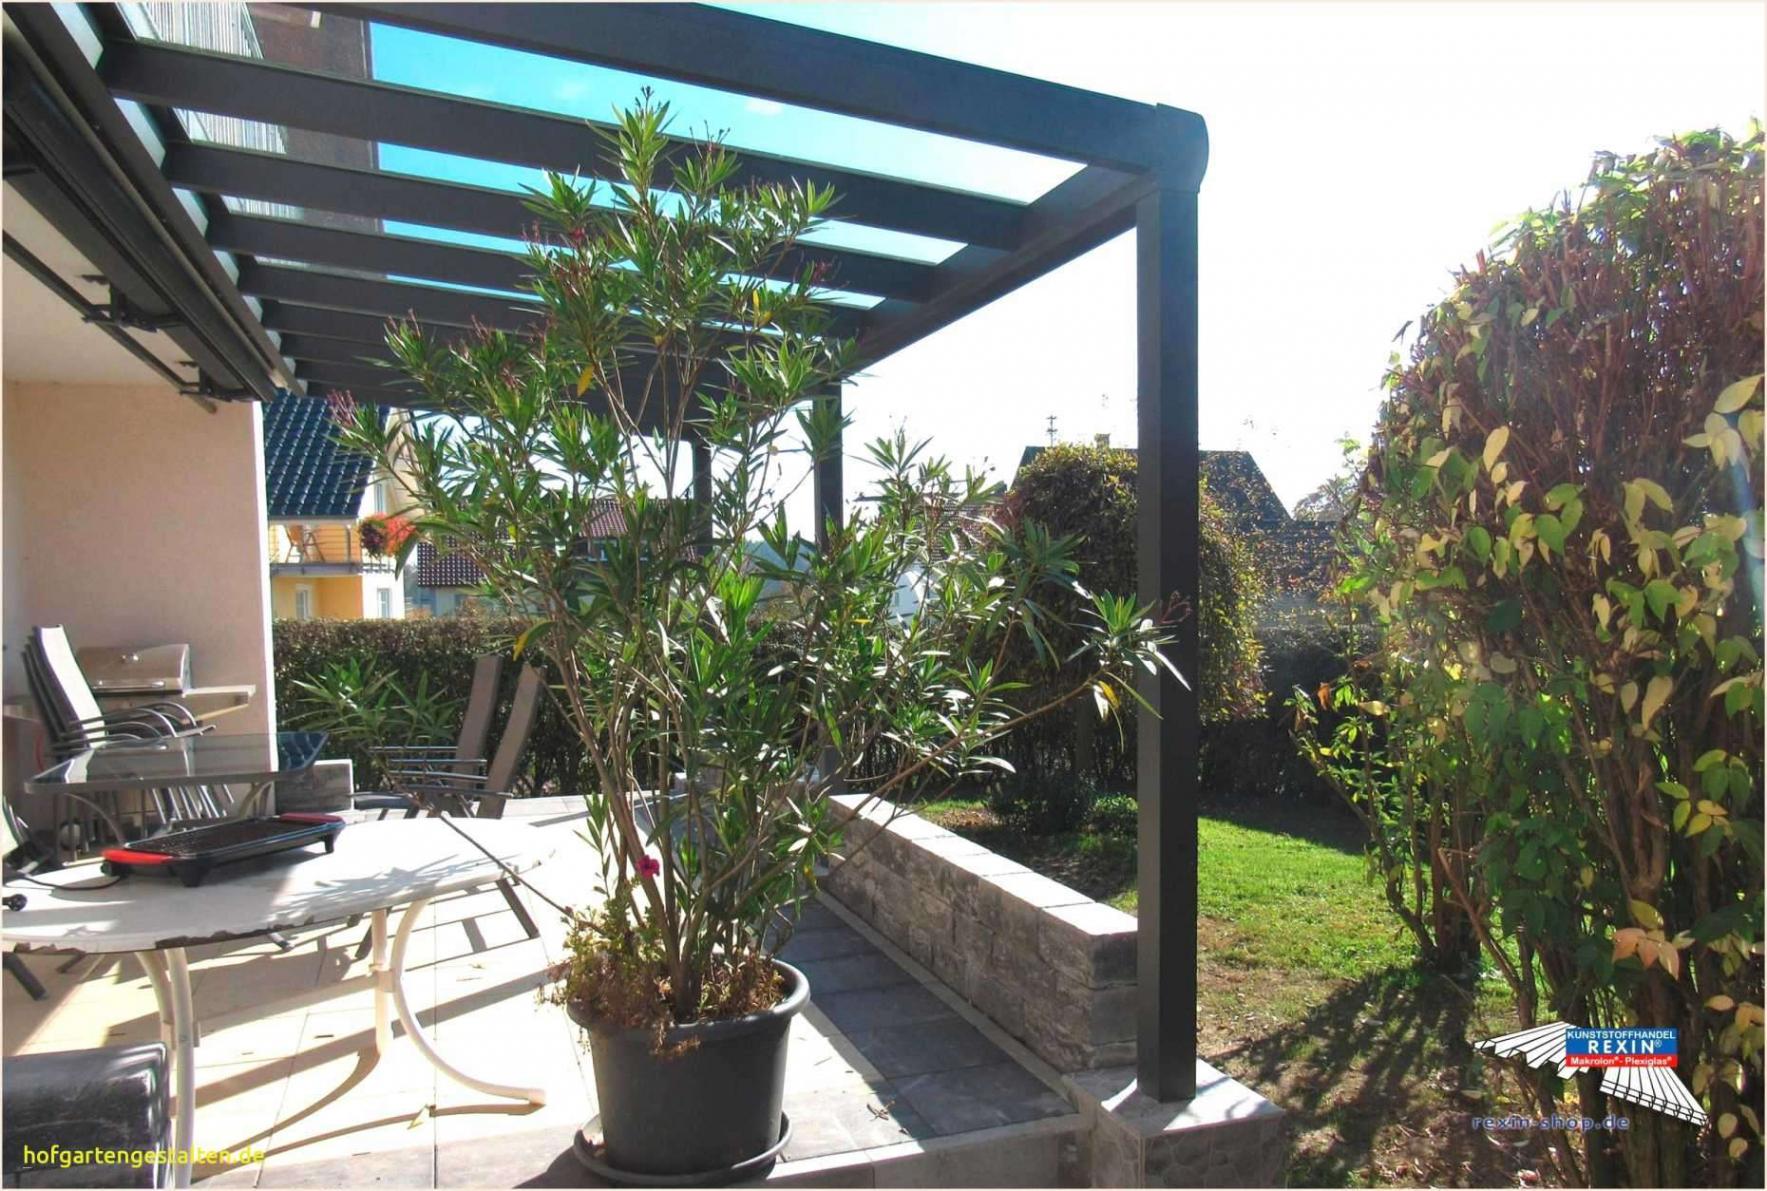 Alles Für Garten Schön sonnenschutz Im Garten — Temobardz Home Blog